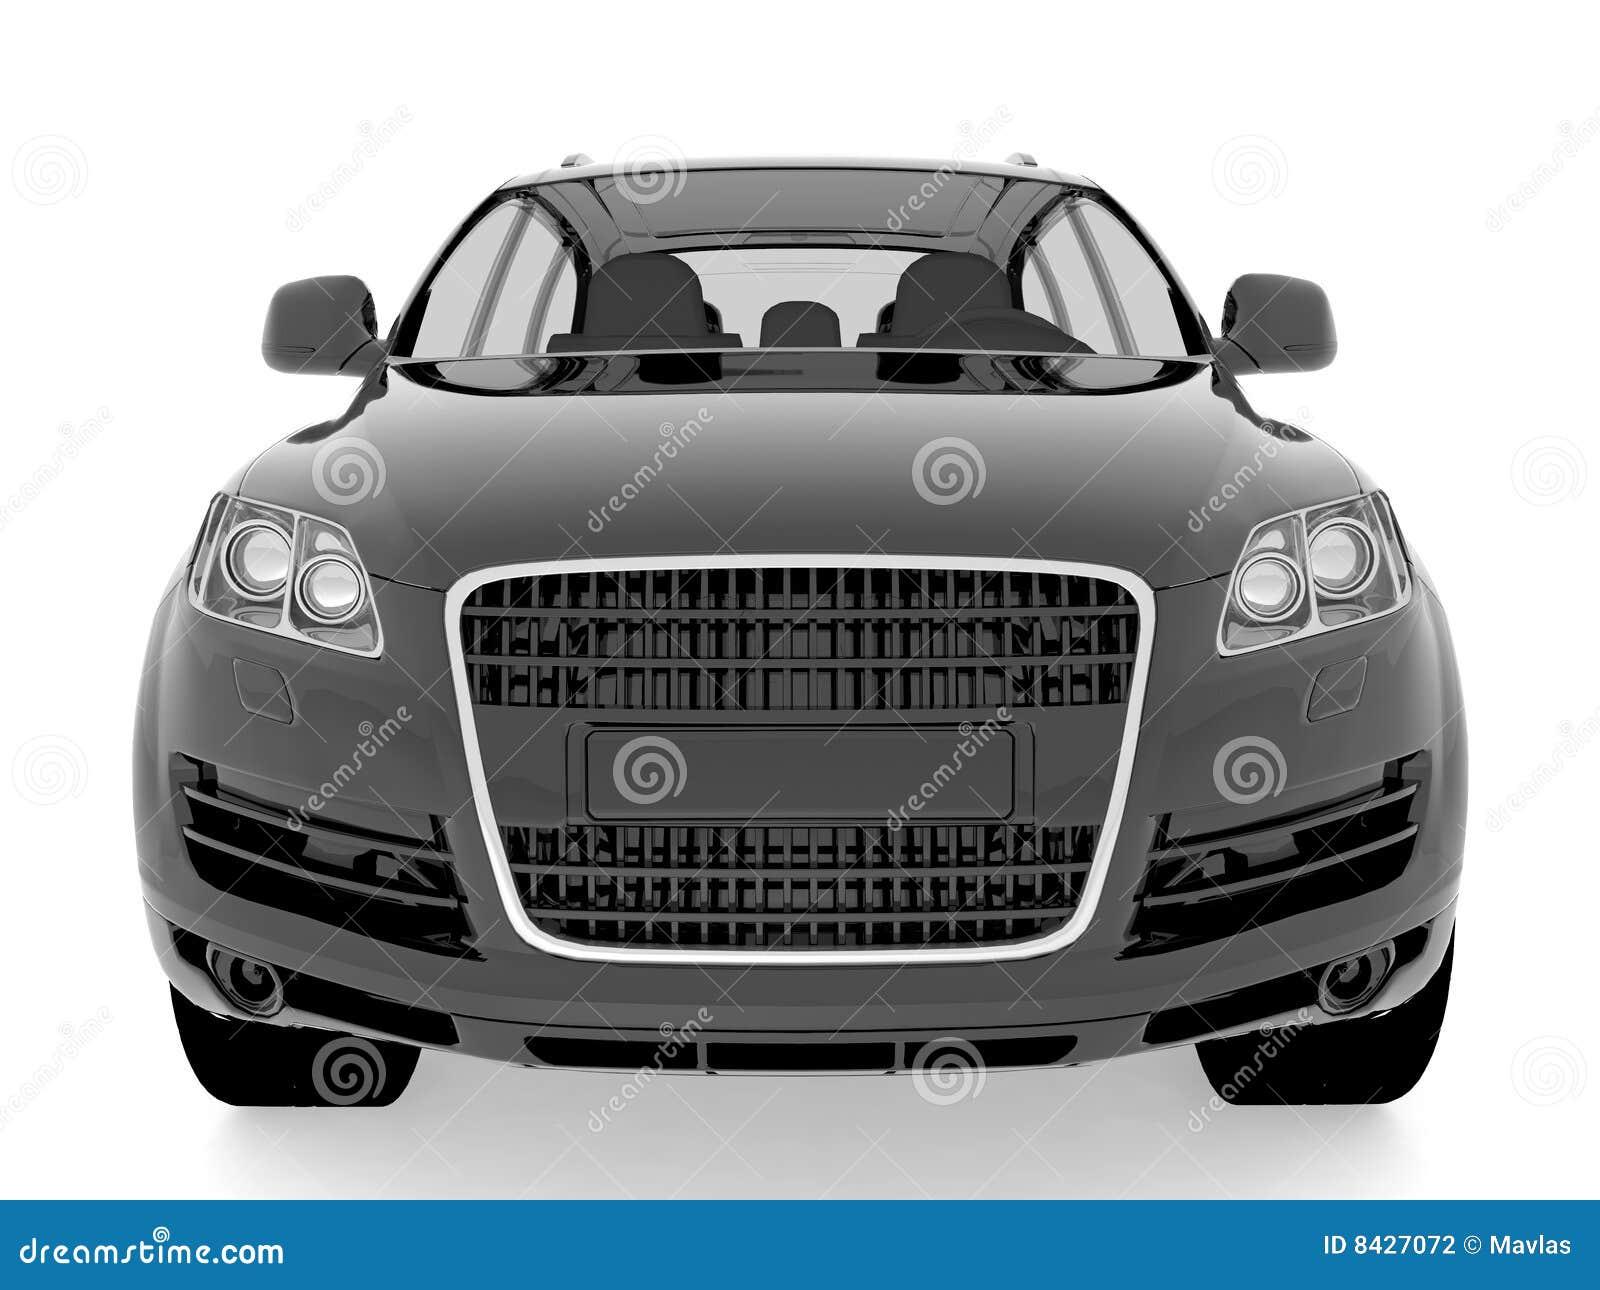 Isolated car